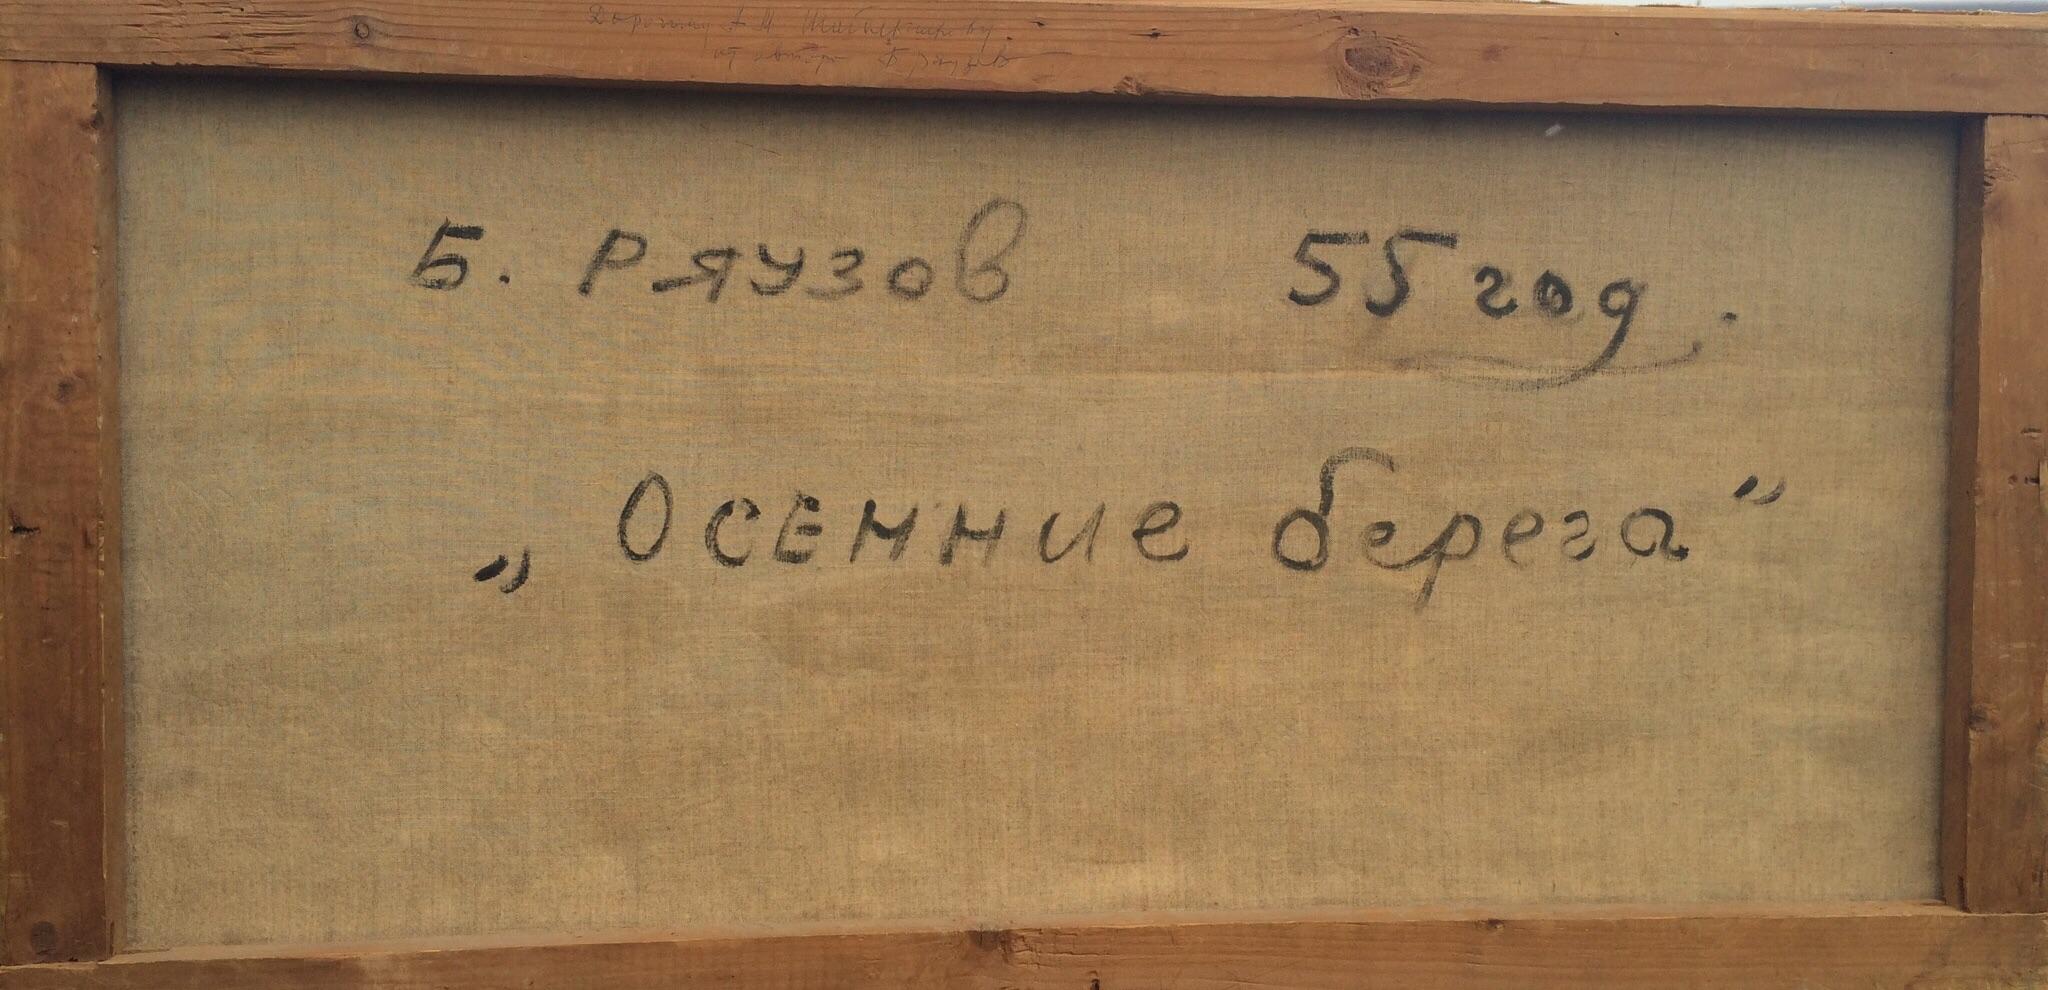 Оборот. Ряузов Борис Яковлевич. Осенние берега